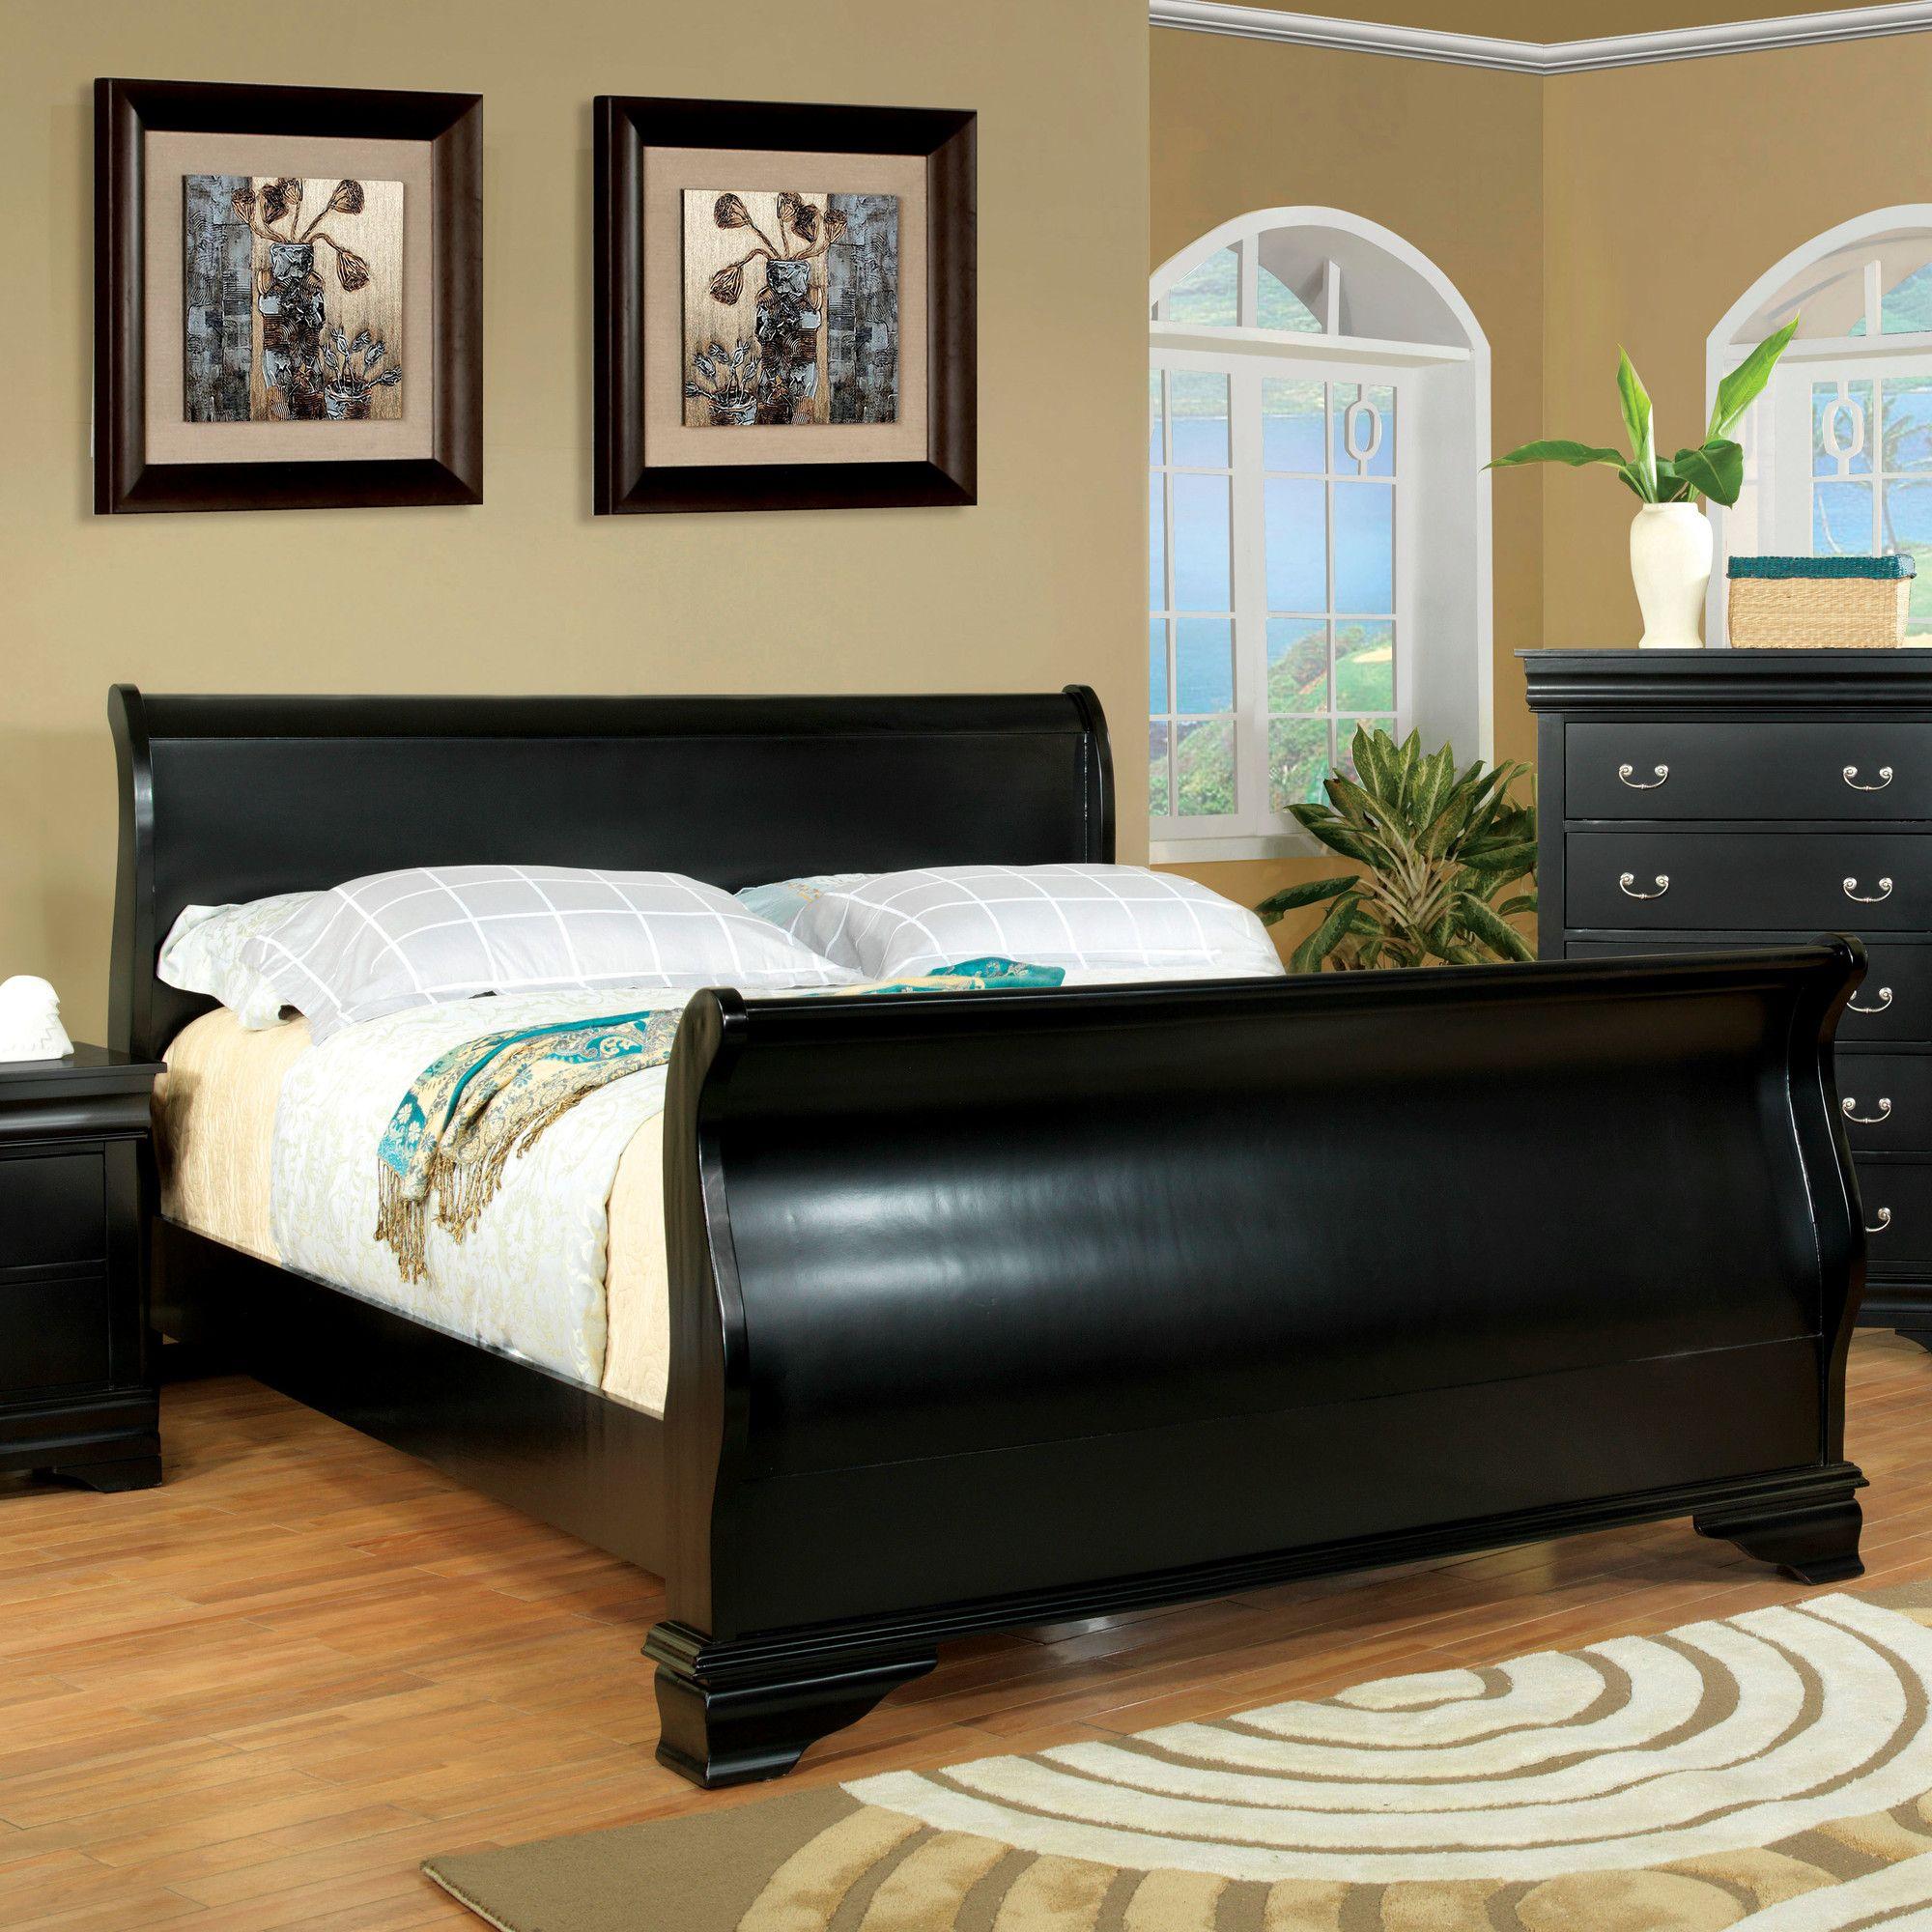 Kyara Upholstered Standard Bed | Bedroom sets, Black sleigh ...